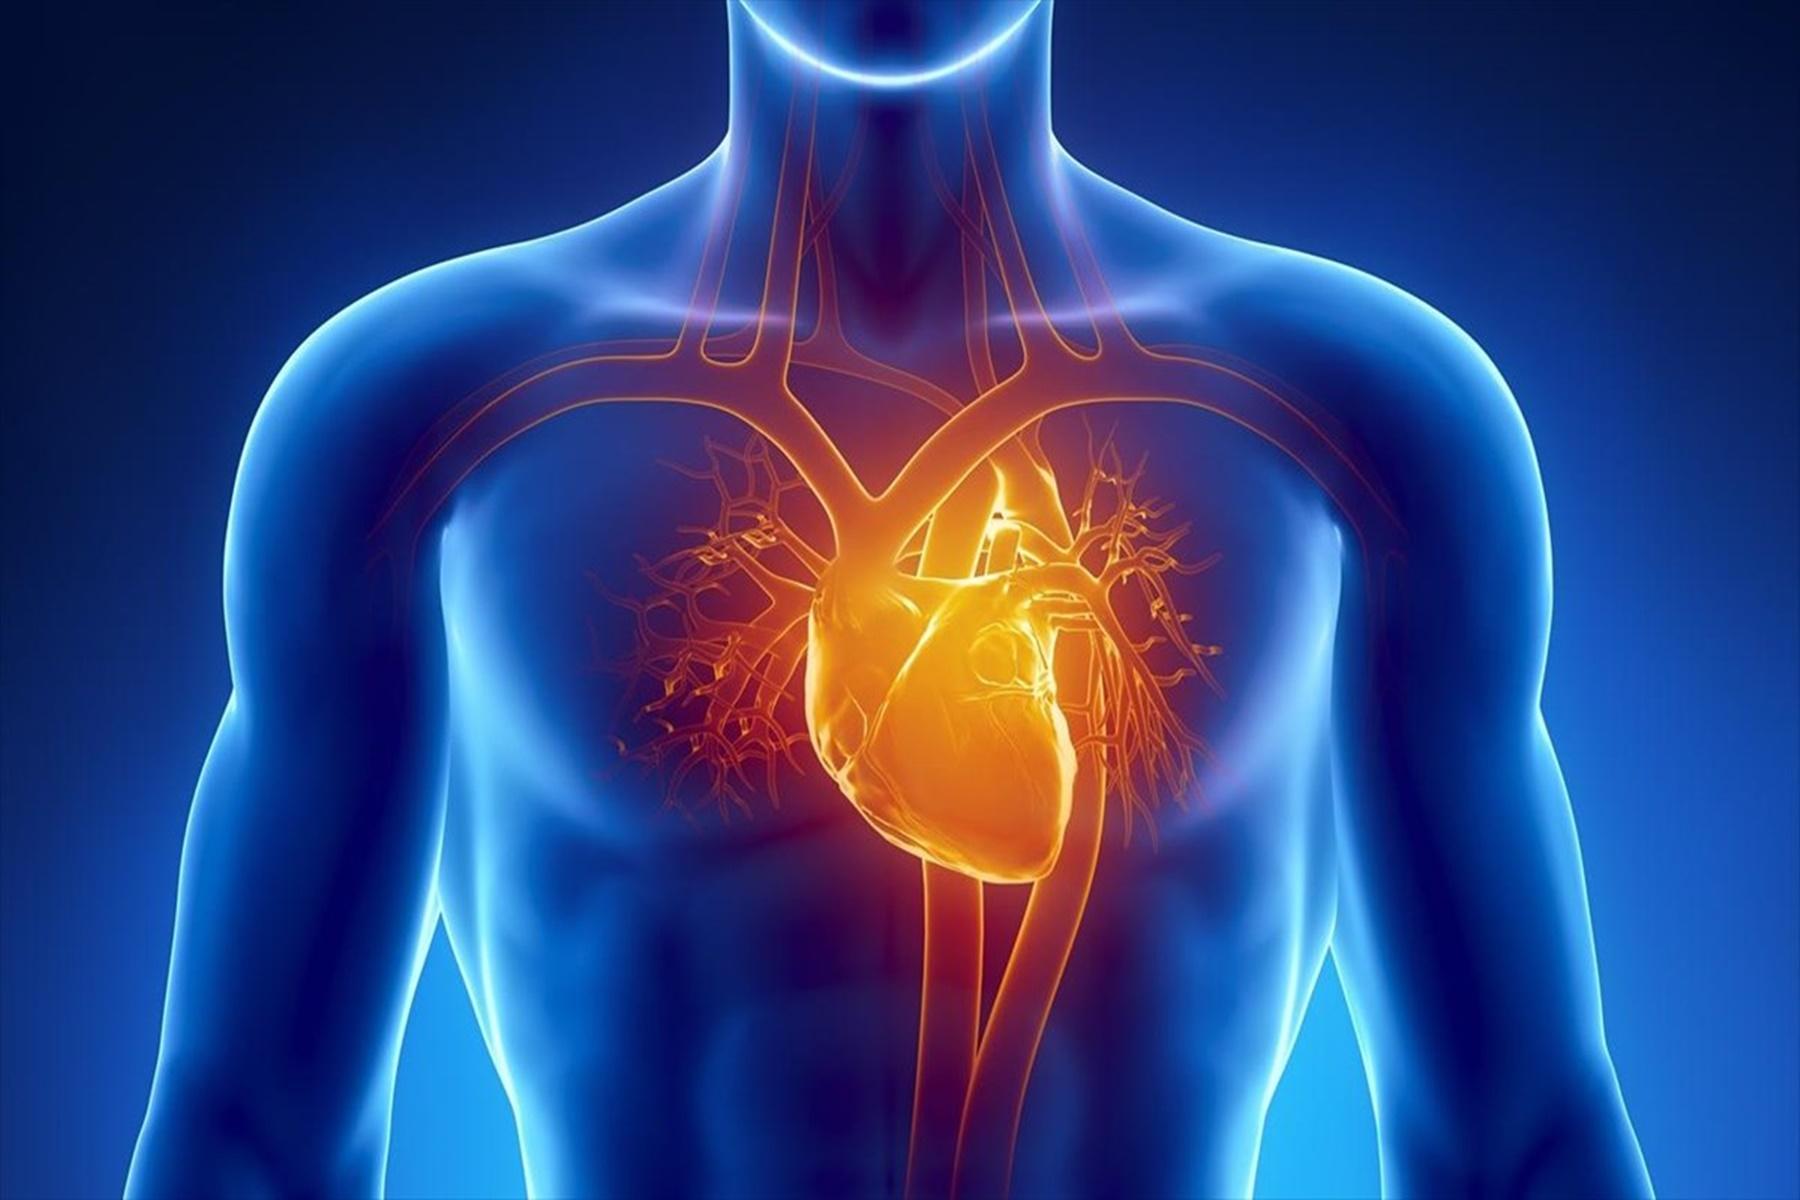 Καρδιά : Συμβουλές για να είναι υγιής